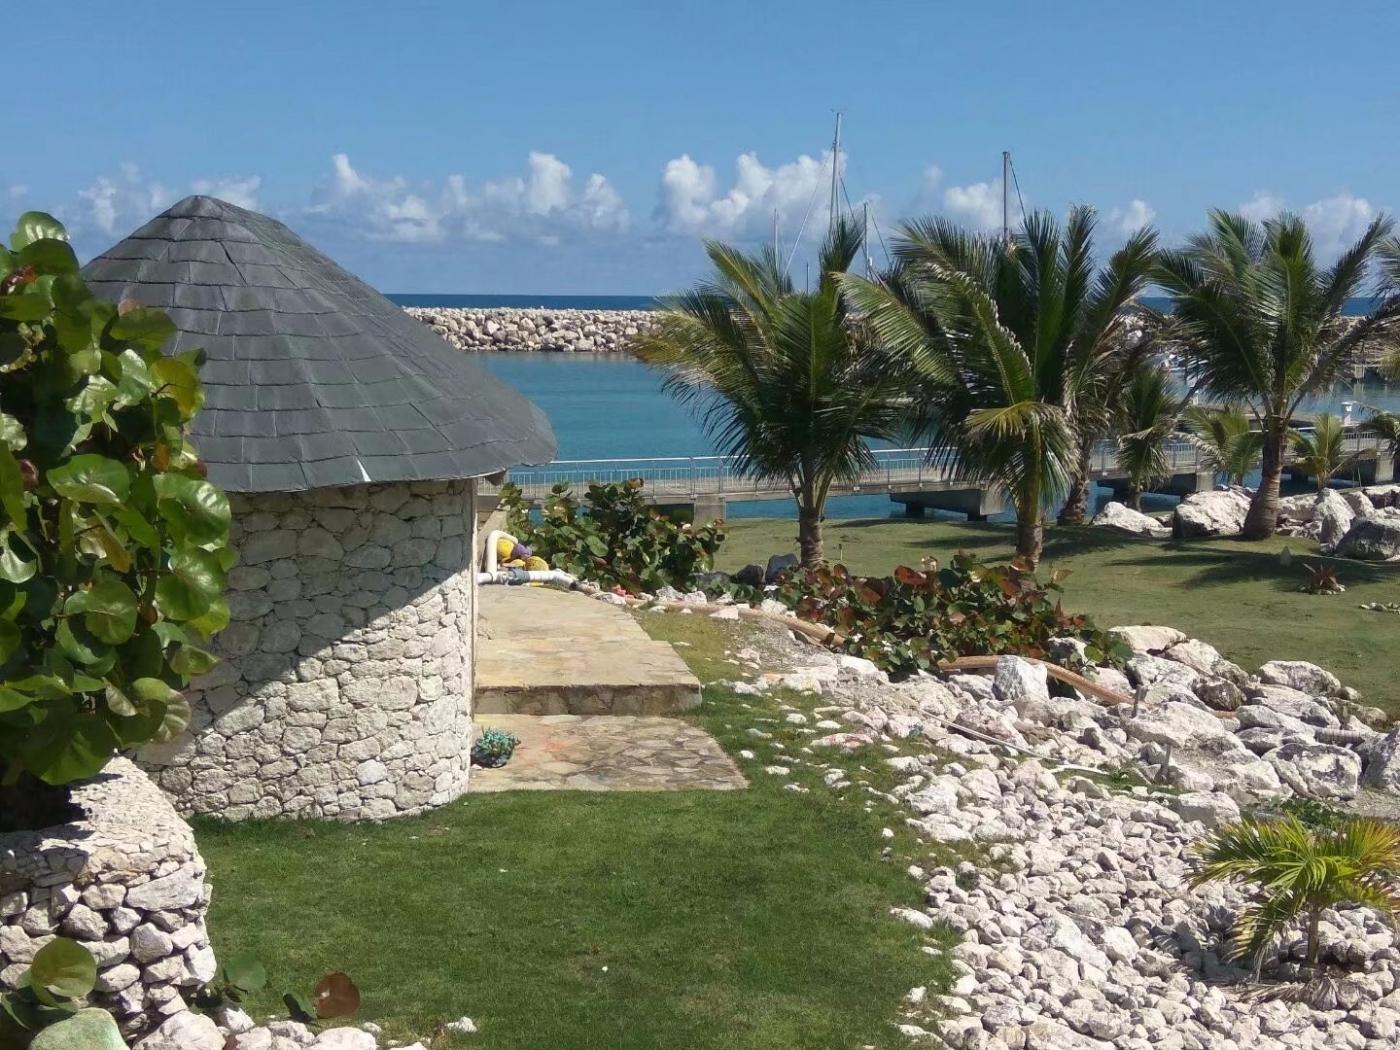 多米尼加有个琥珀湾(图)_图1-17